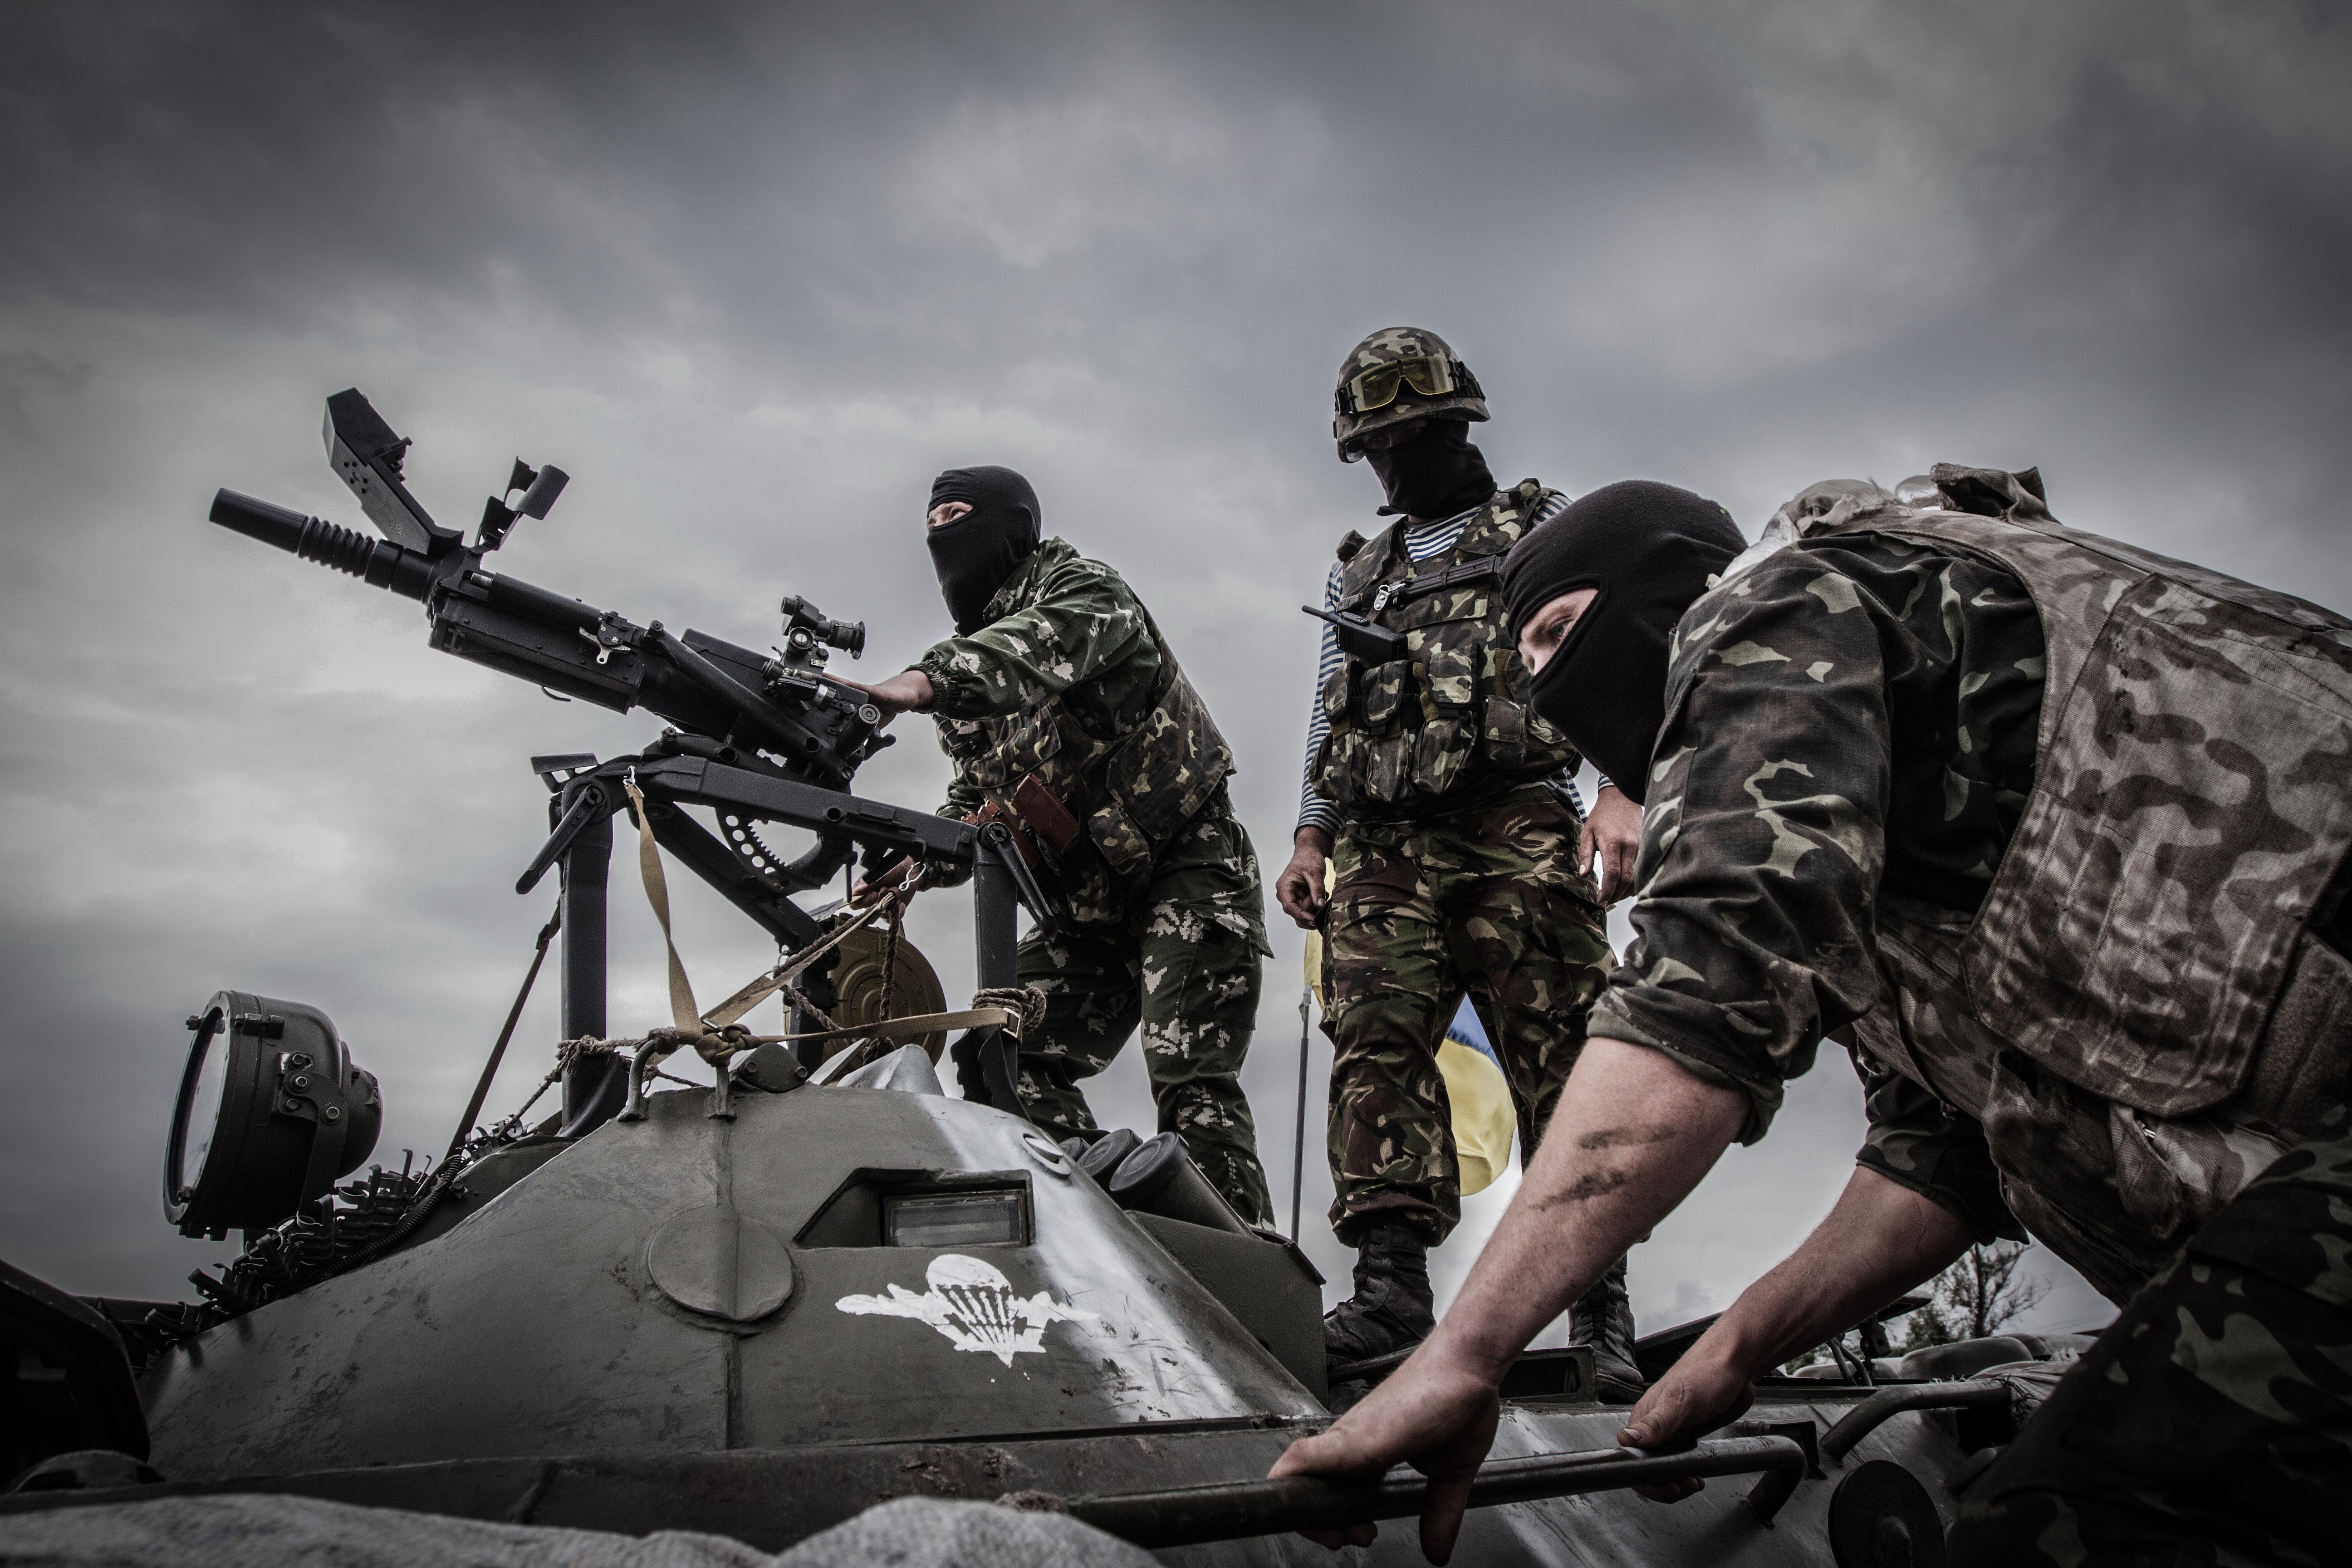 Солдаты украинской армии ведут прицельную стрельбу из гранатомета